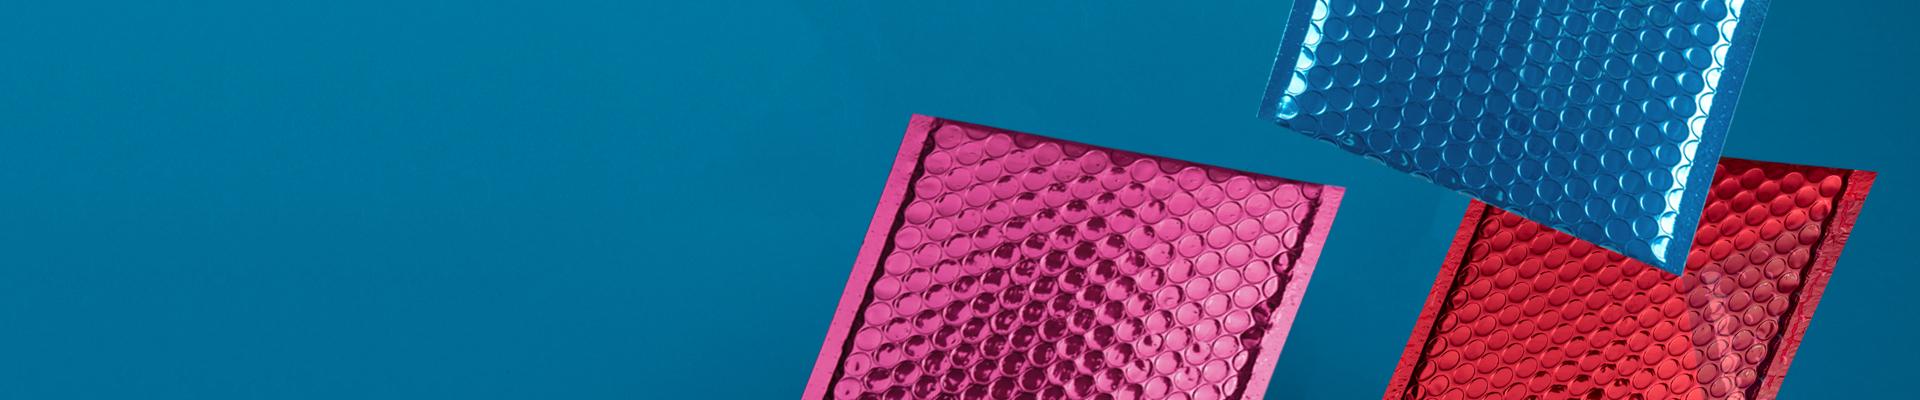 Creative Shine Metallic Gloss Padded Bubble Envelopes